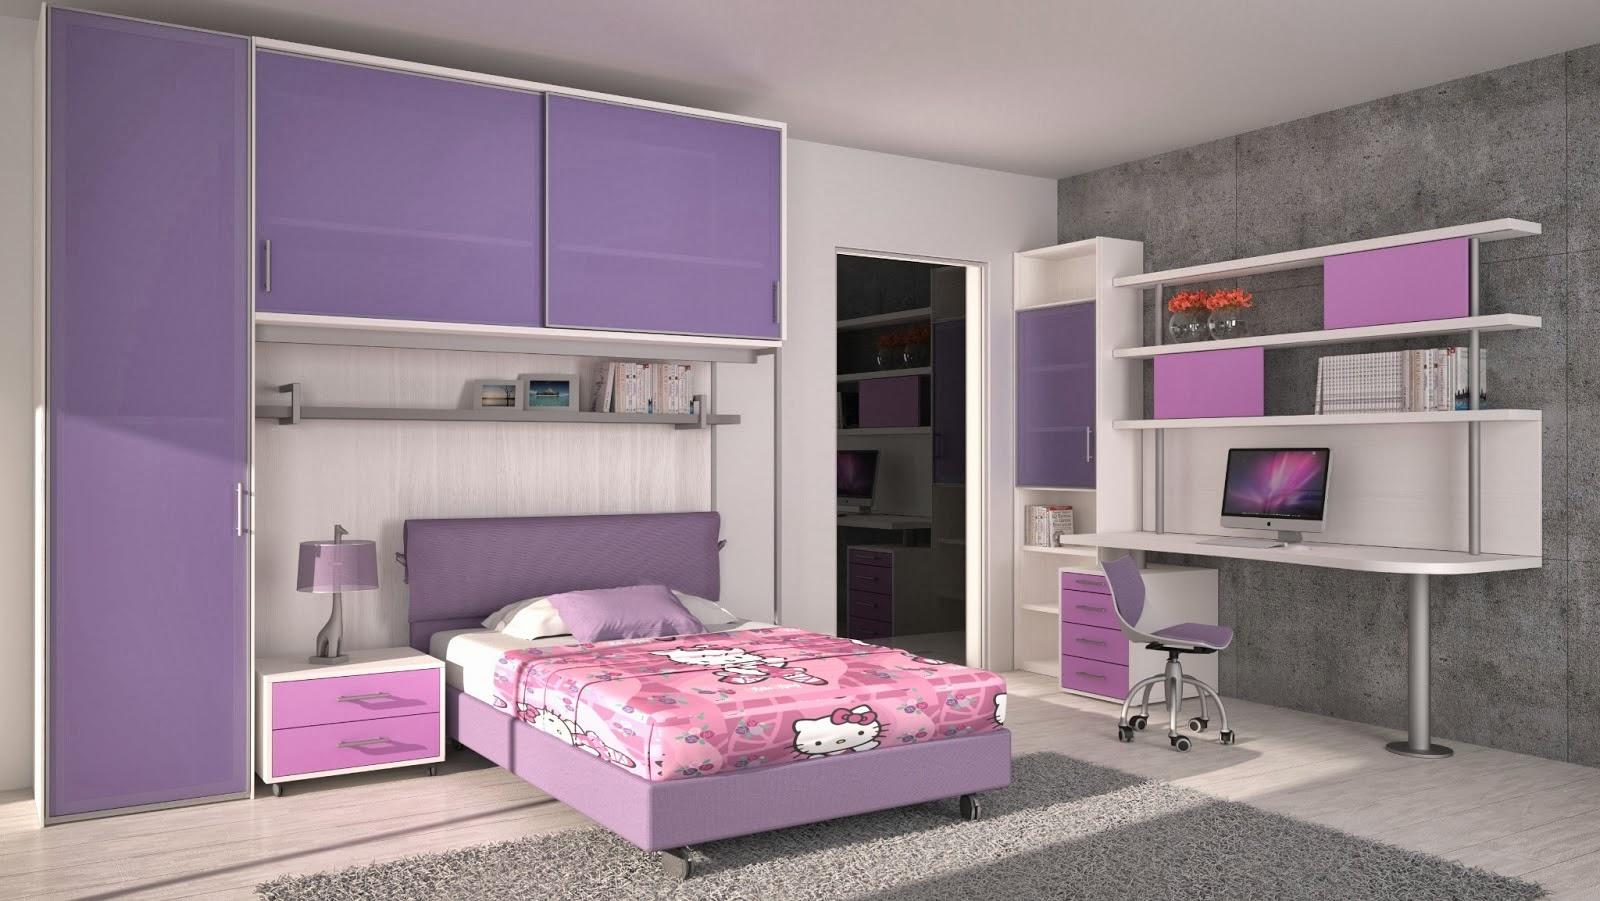 Cuarto de ni a en rosa y lila dormitorios colores y estilos - Muebles para cuarto de nina ...